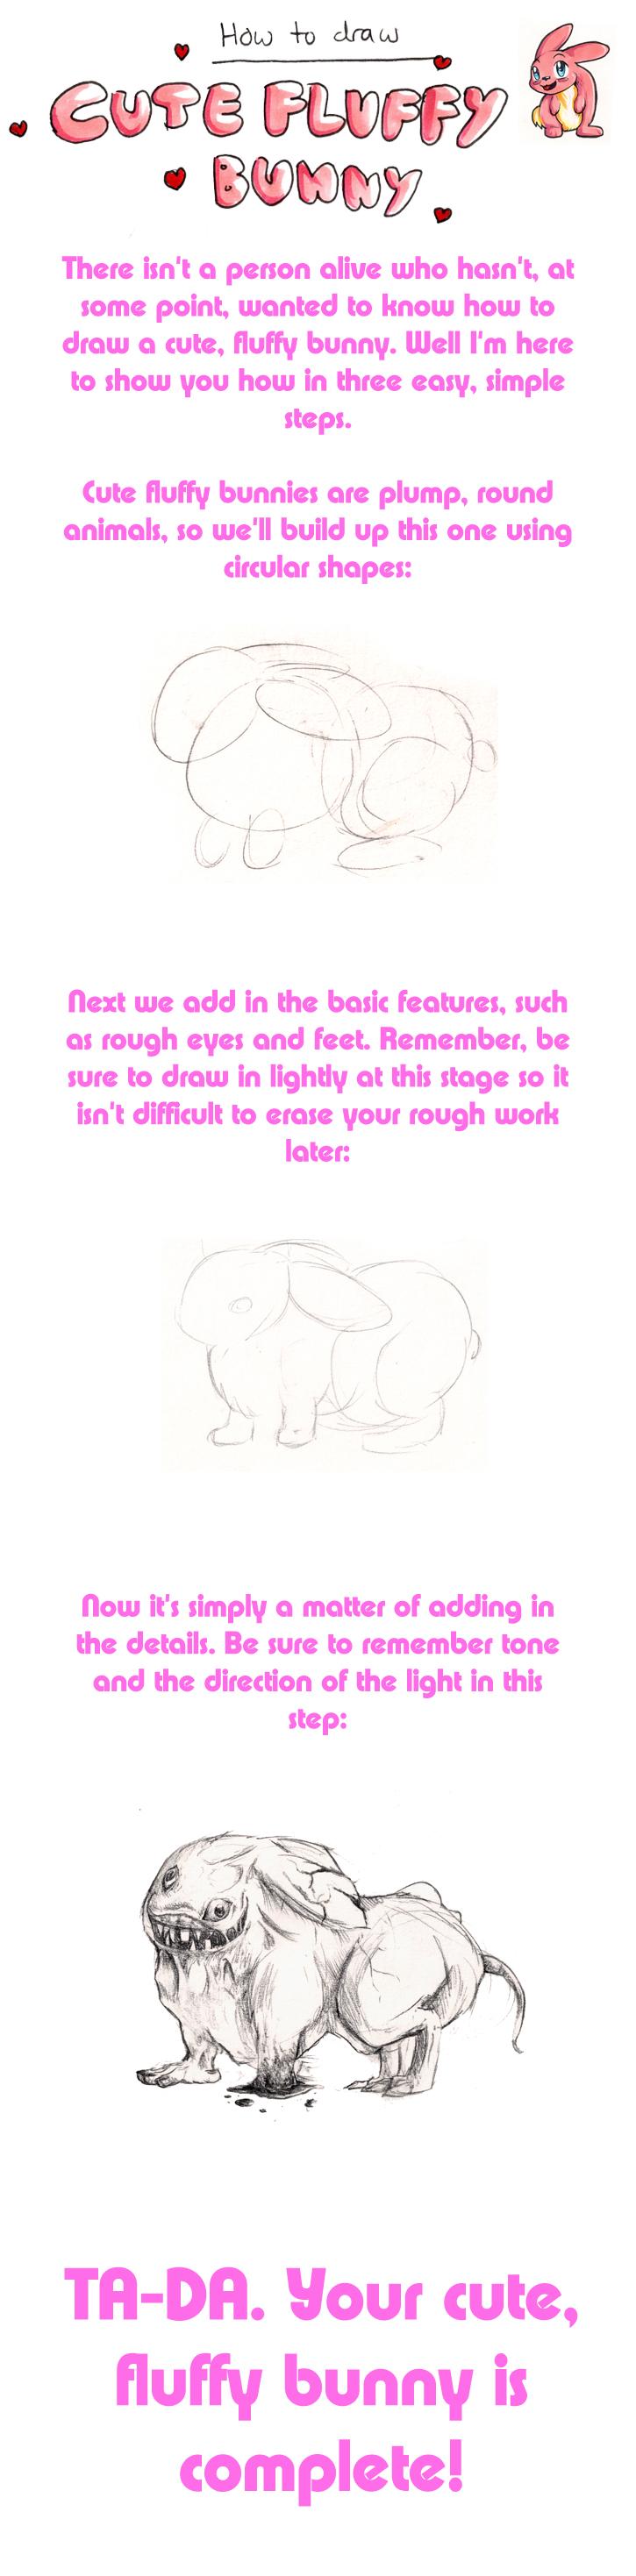 Cute, Fluffy Bunny Tutorial